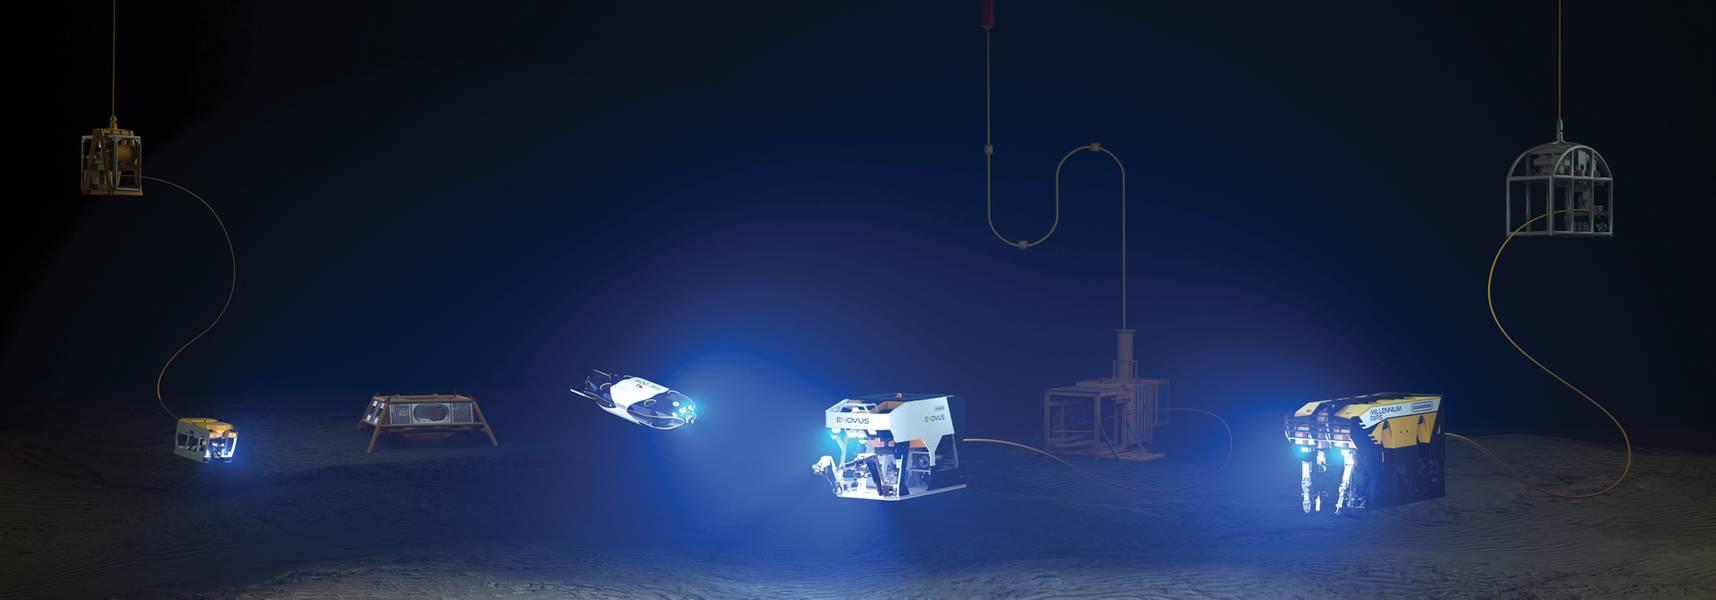 Линейка Row от Oceaneering с автомобилями нового поколения Freedom и E-ROV. Предоставлено Oceaneering International